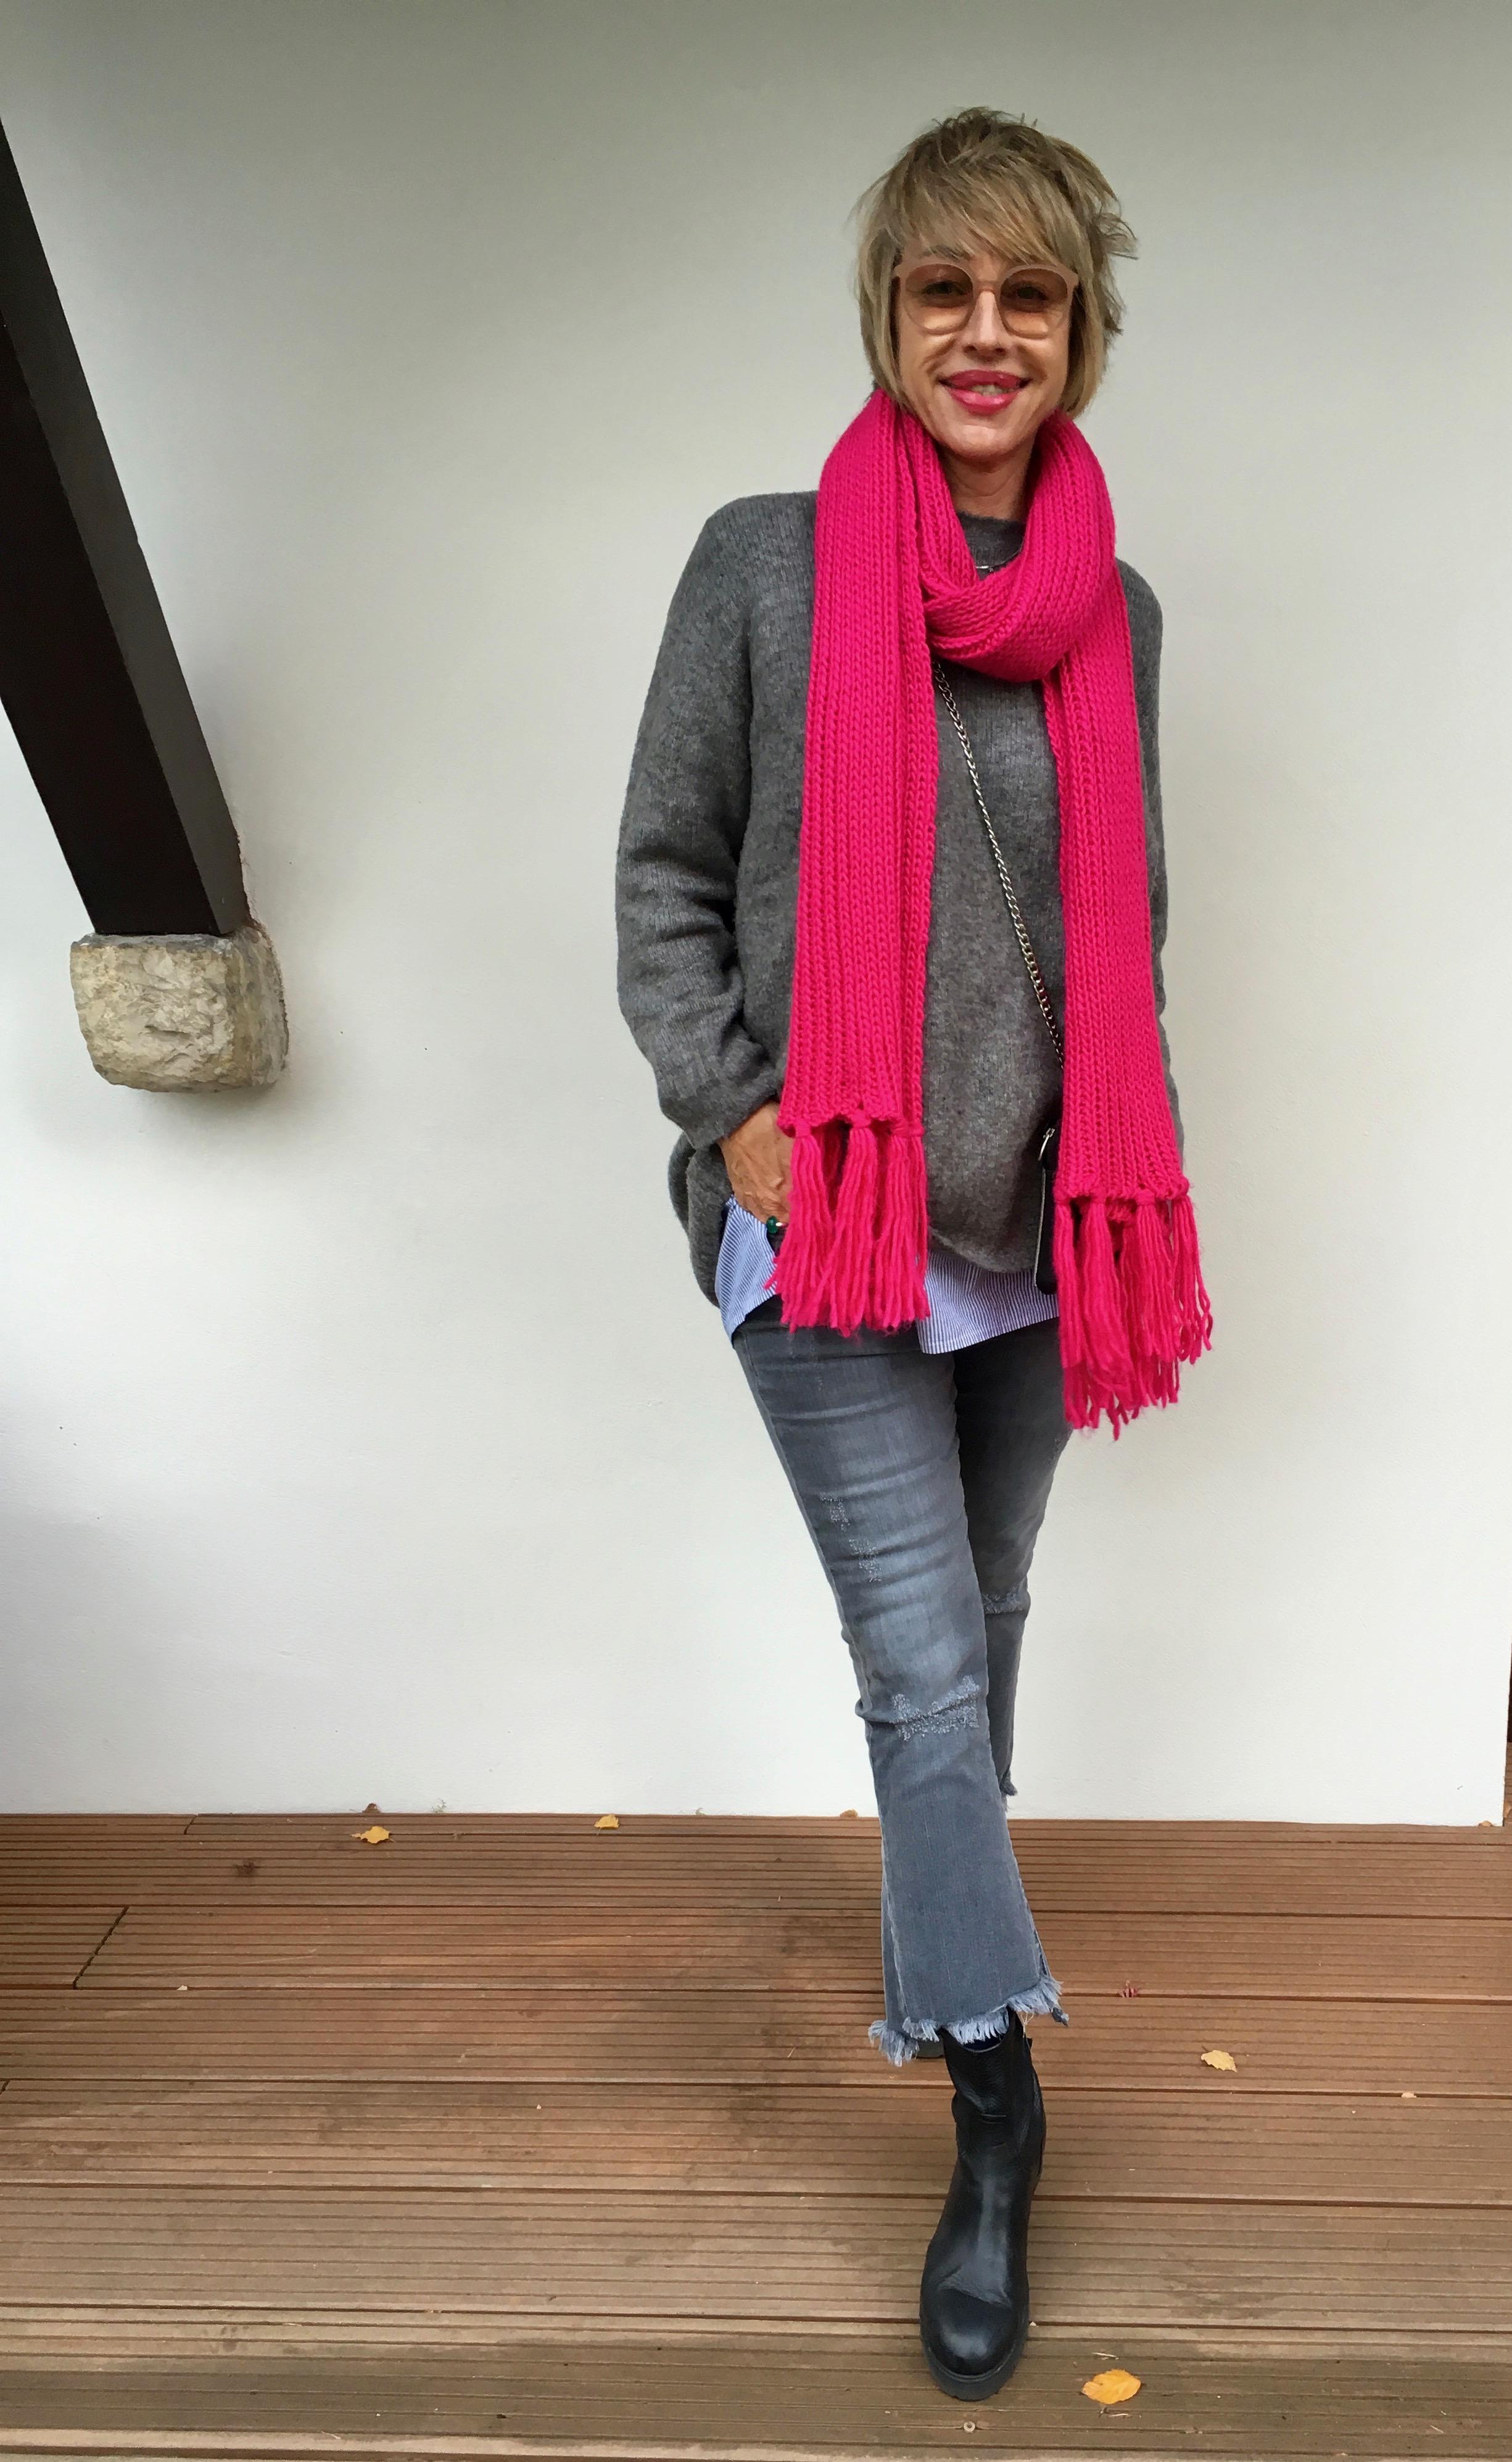 Mode für Frauen über 50 Blog für Frauen über 50 BeFifty